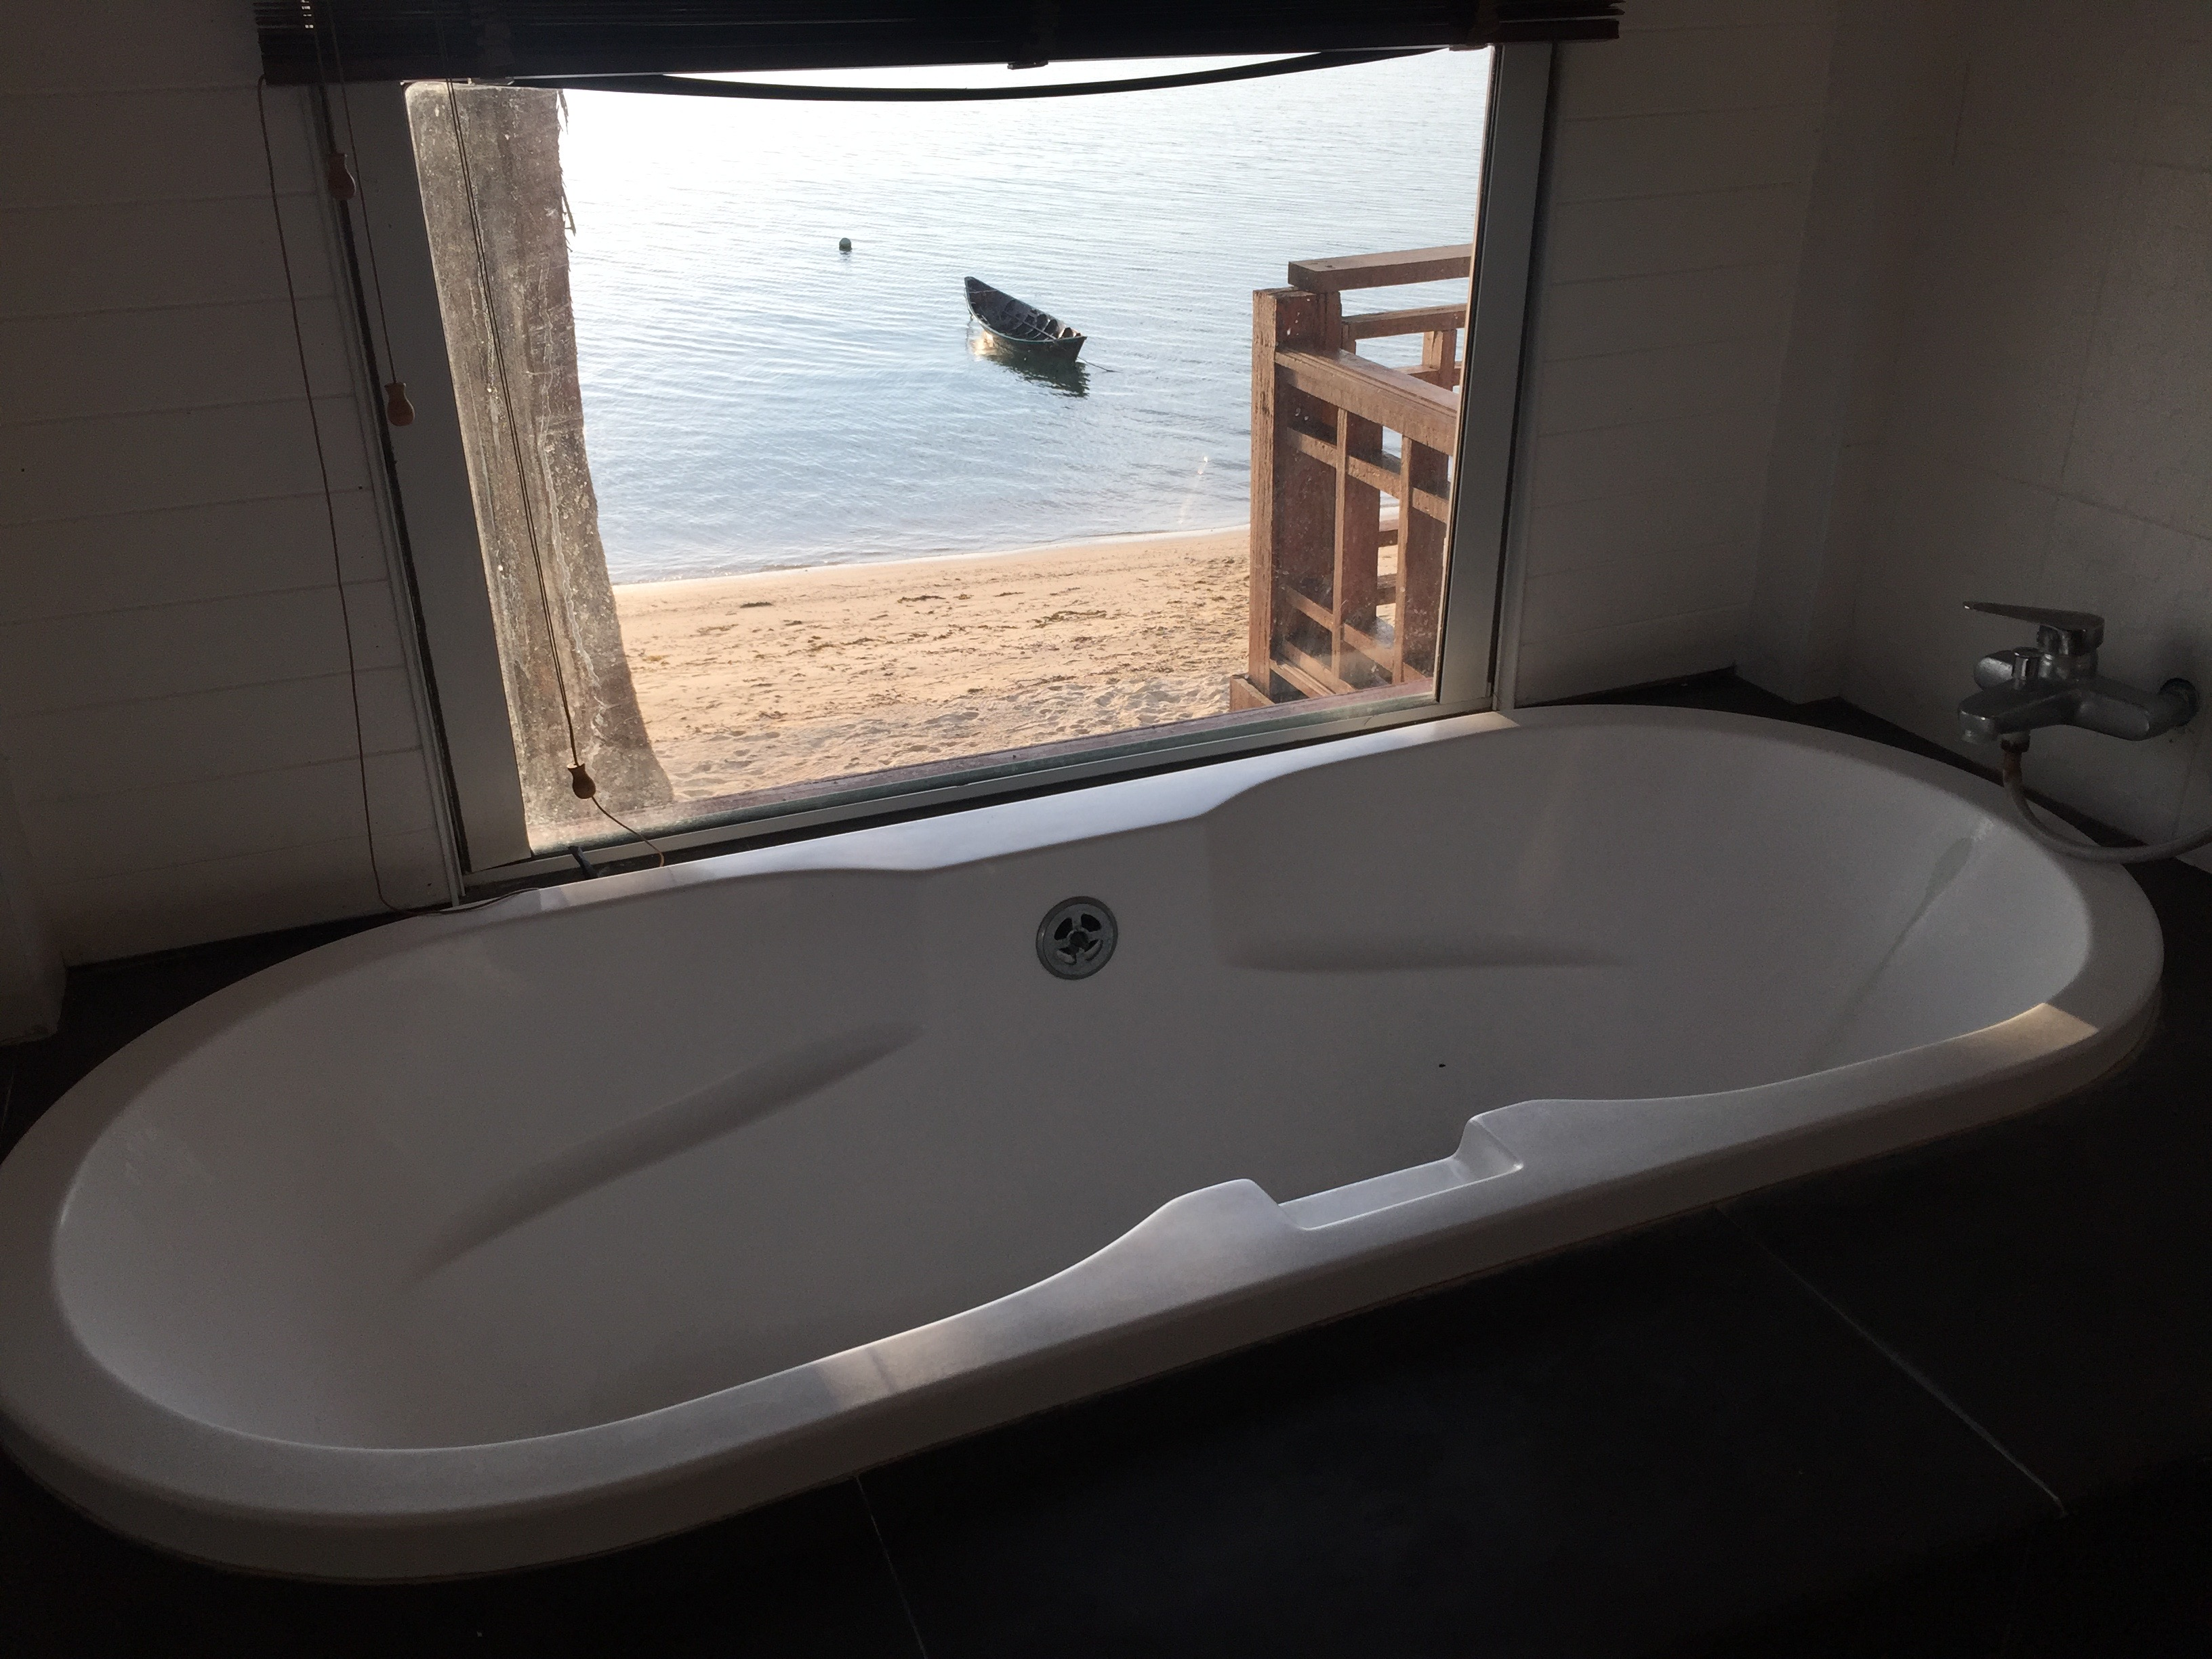 AYS Oval bath